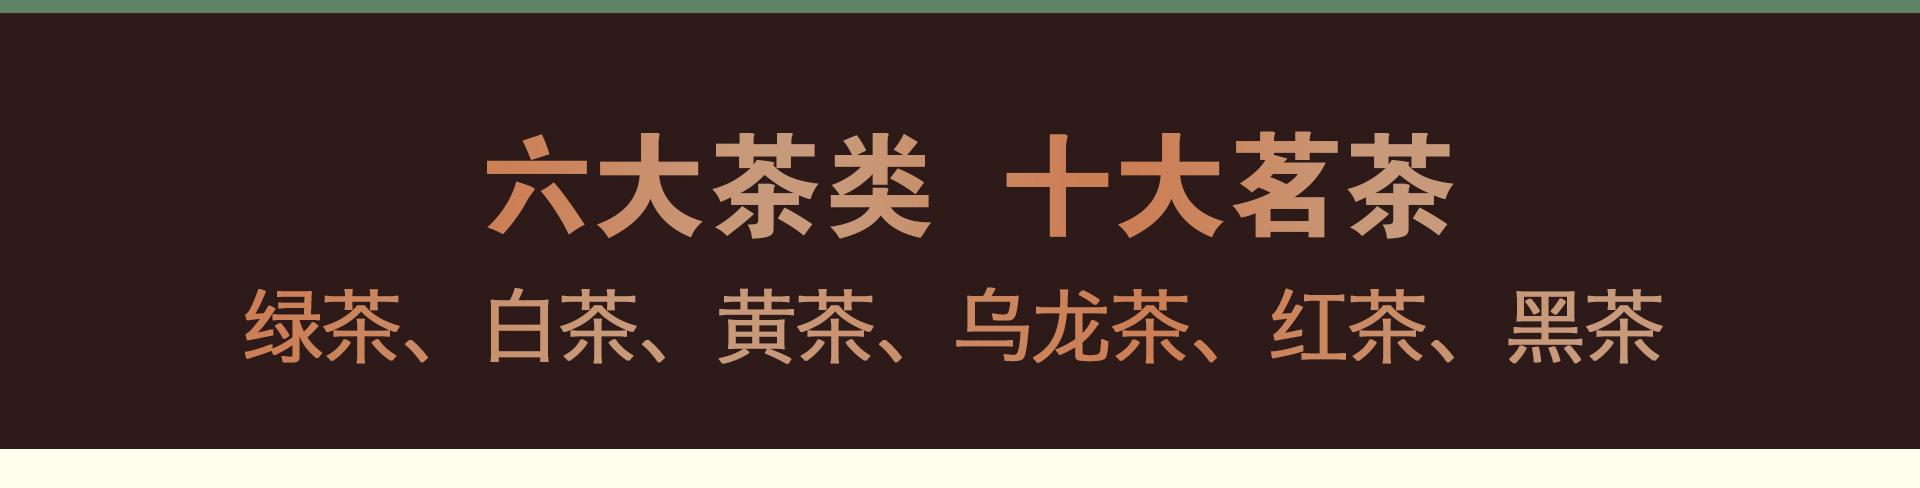 三千茶農sqcn_22